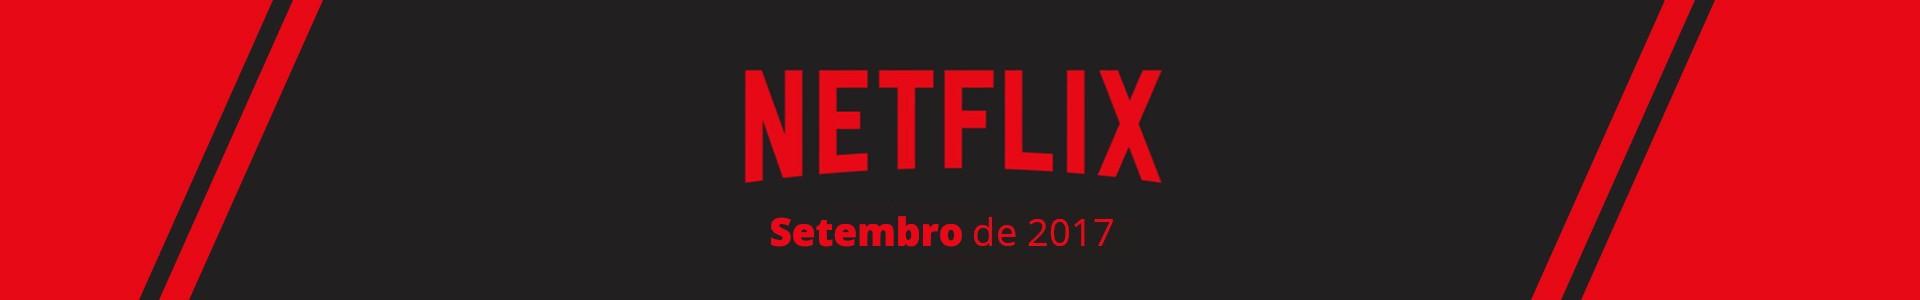 15 Estreias da Netflix de Setembro de 2017